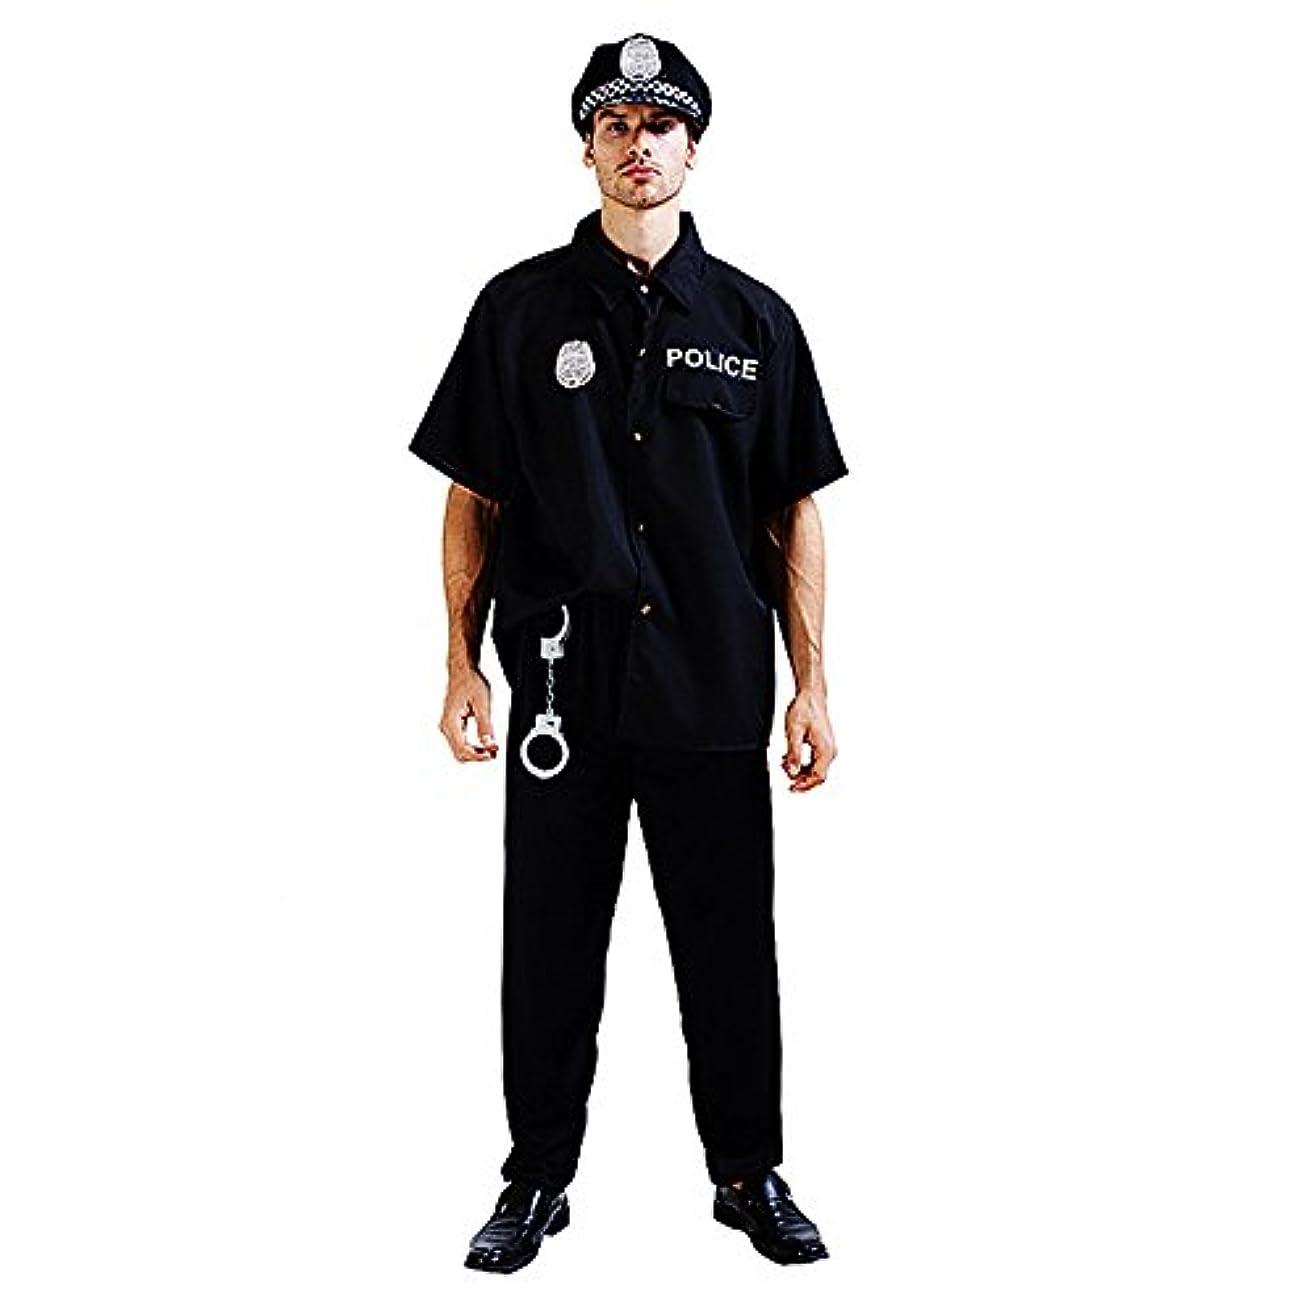 表示寛解ピルファースピナス ハロウィン メンズ コスプレ 警察 制服 ポリス 手錠もついてます コスプレやイベントに大活躍 パーティー 舞台 コスチューム (ブラック)